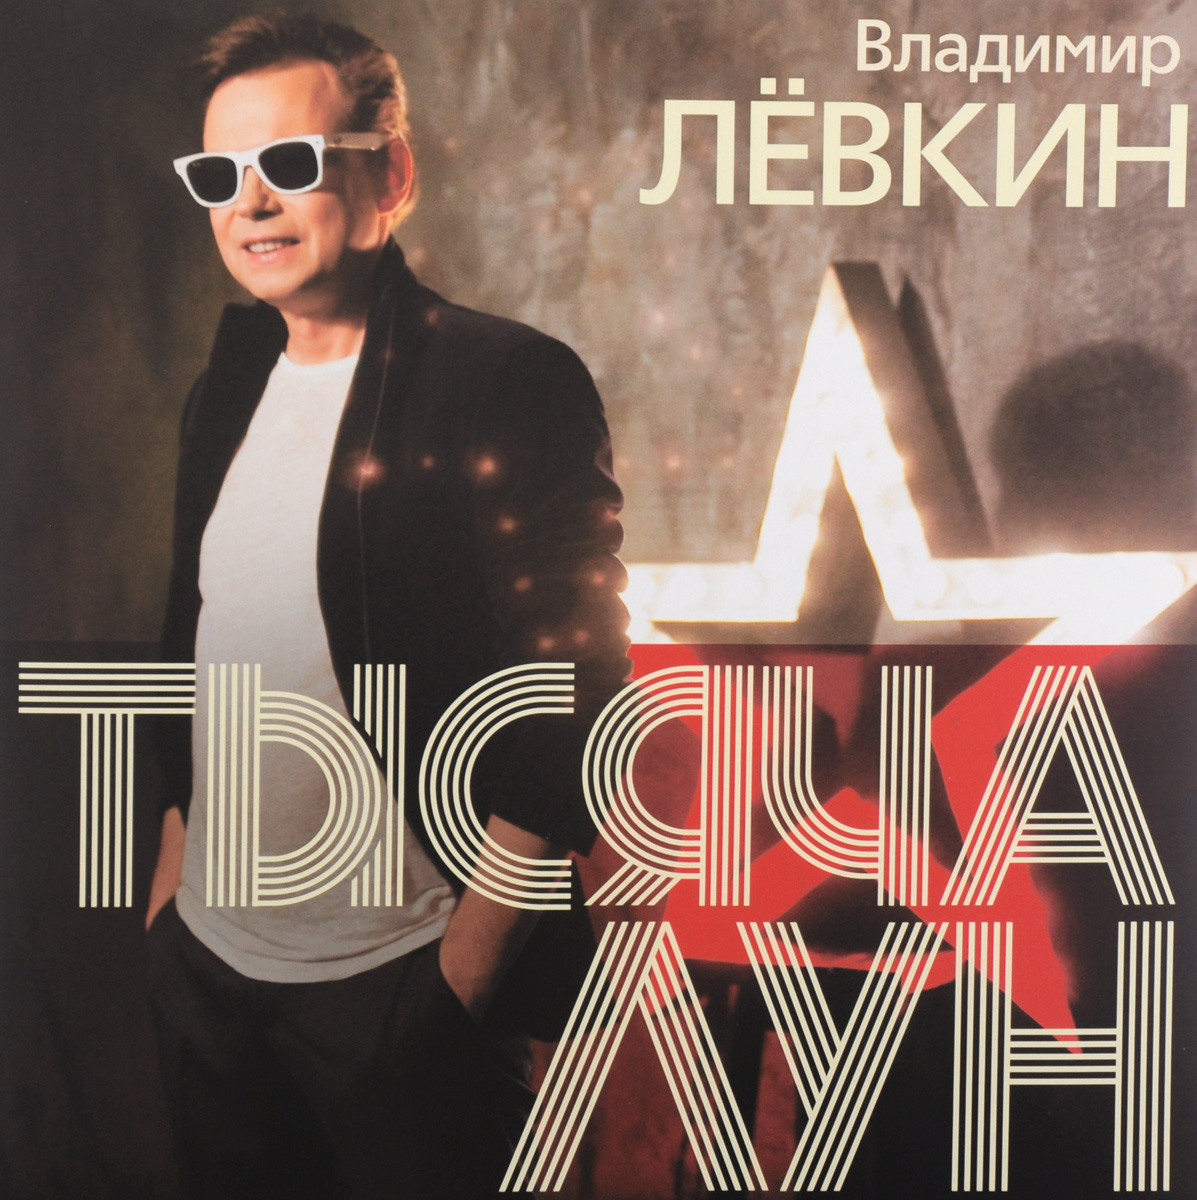 Владимир Левкин Владимир Левкин. Тысяча лун (LP) машенков владимир николаевич